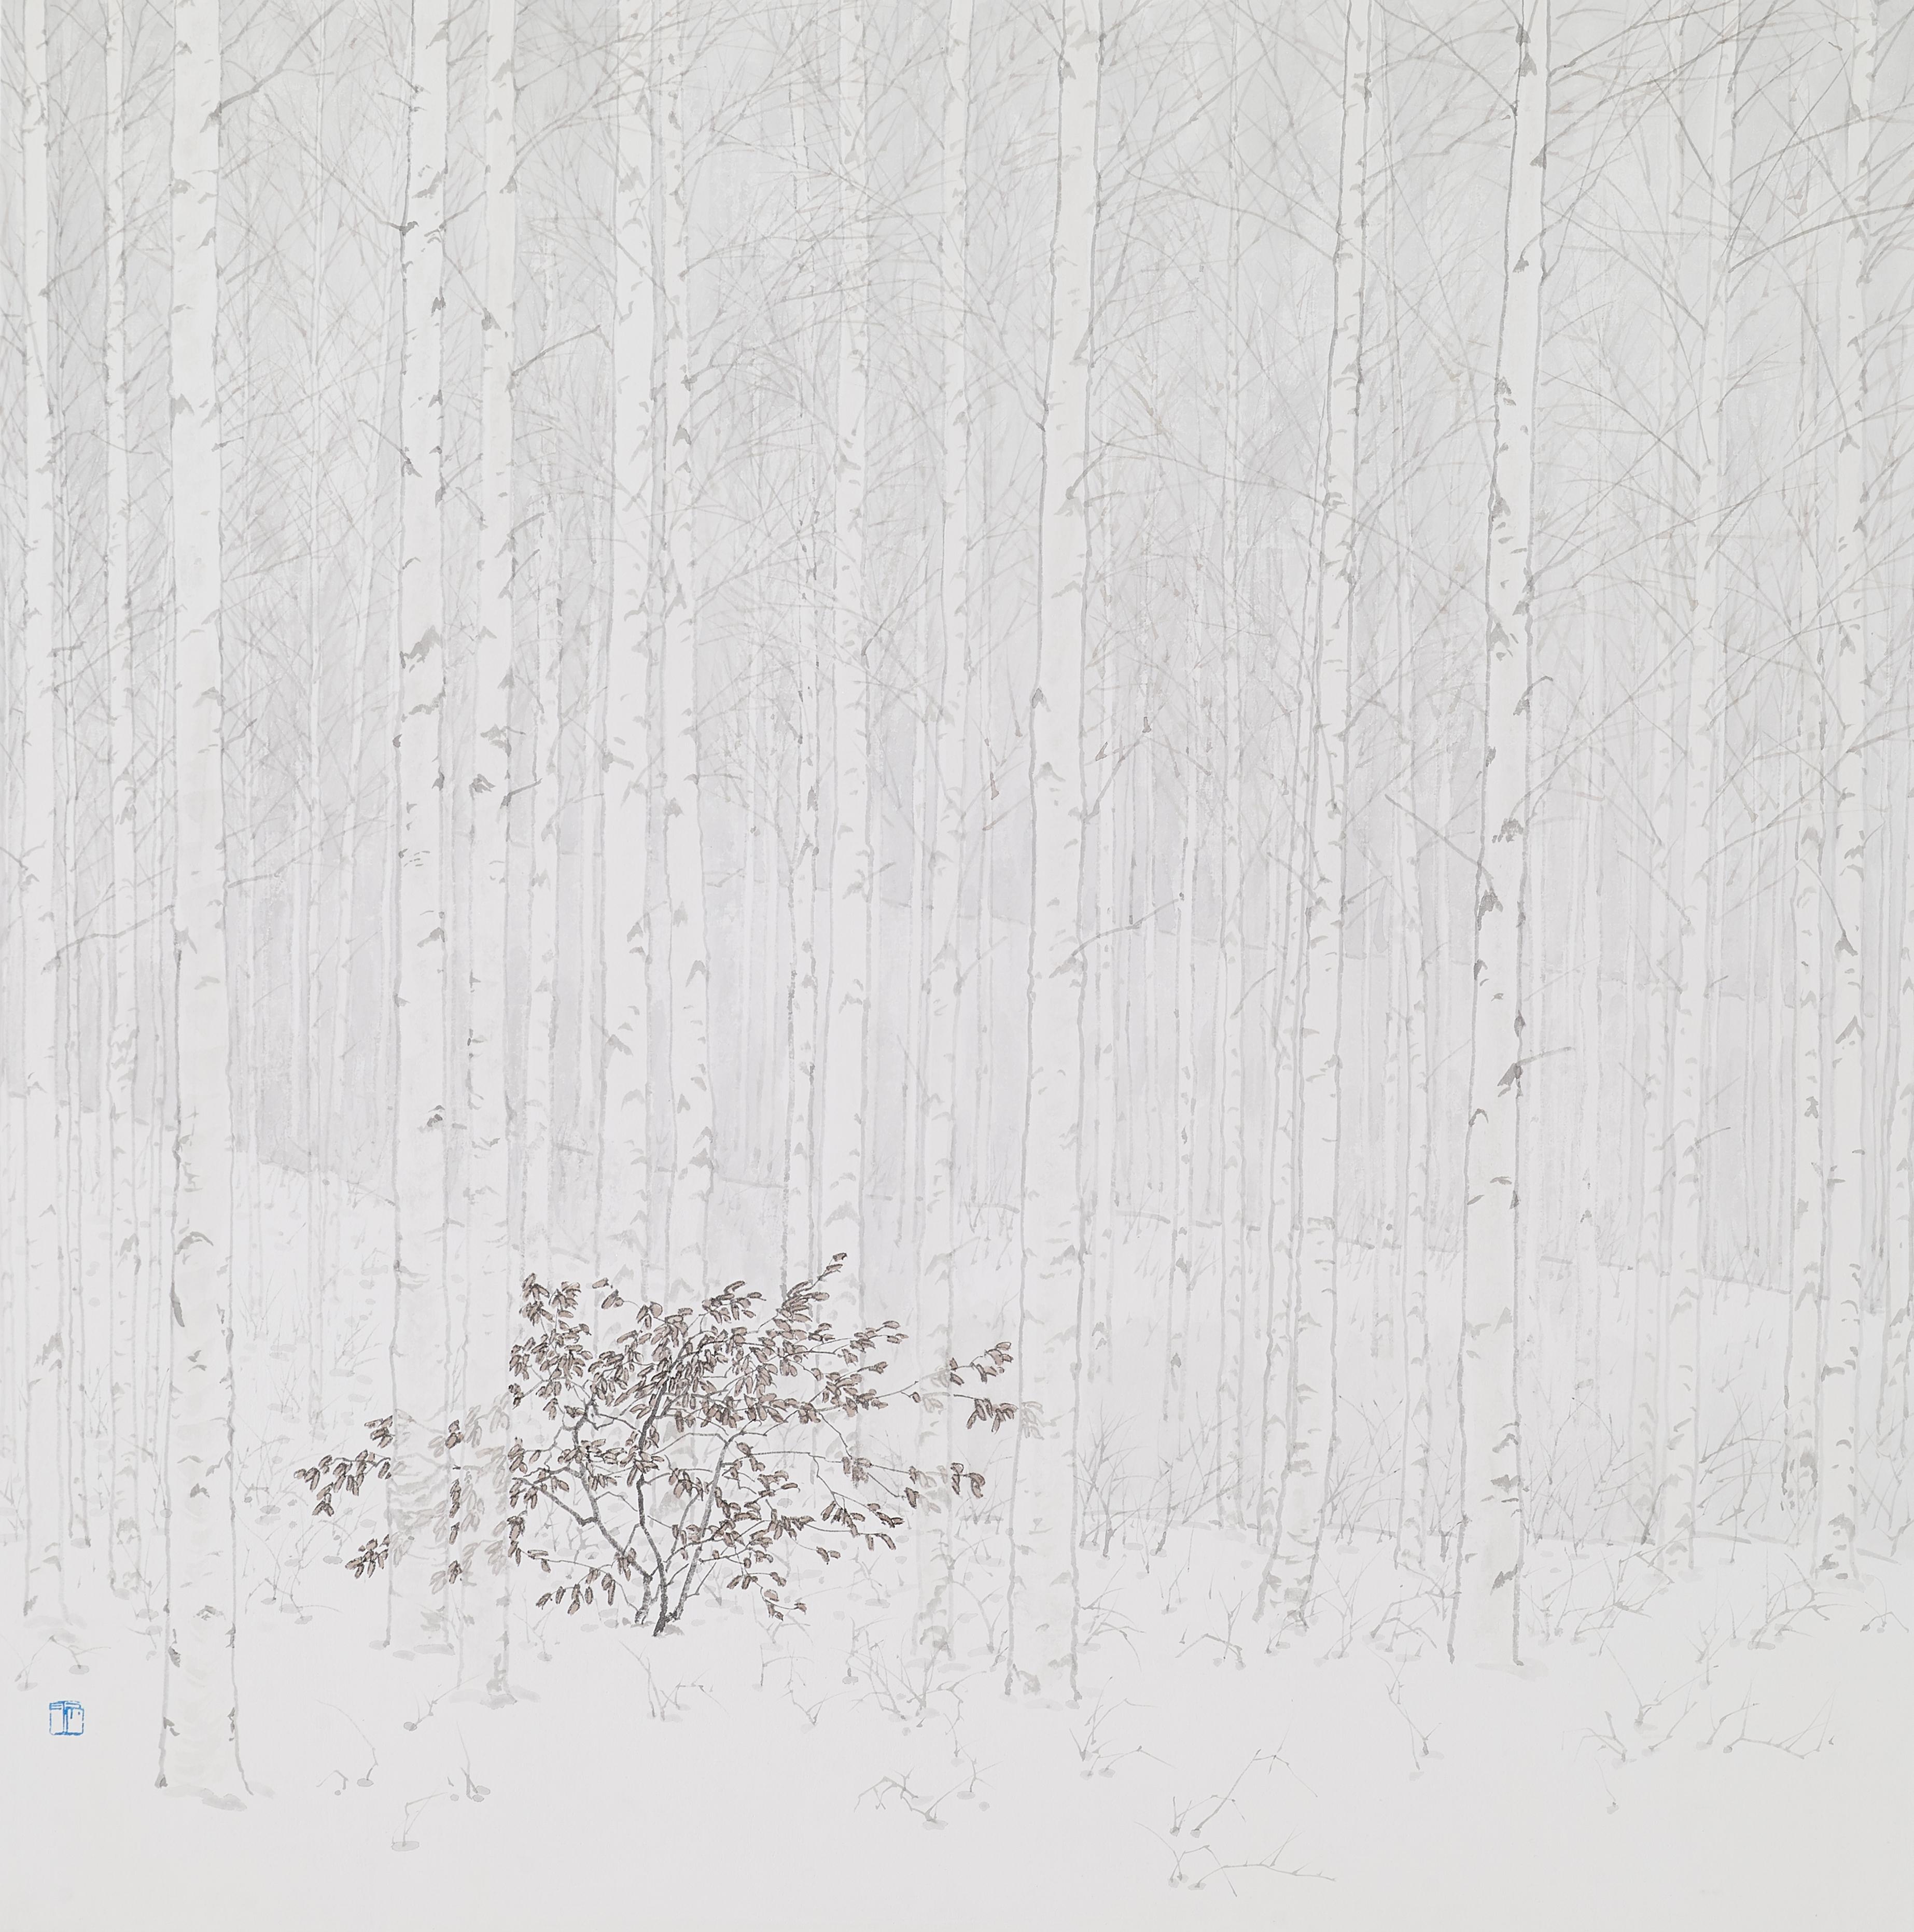 임태규 흐린 풍경-자작나무 아래 80X80 한지 위에 백토 수묵담채 20